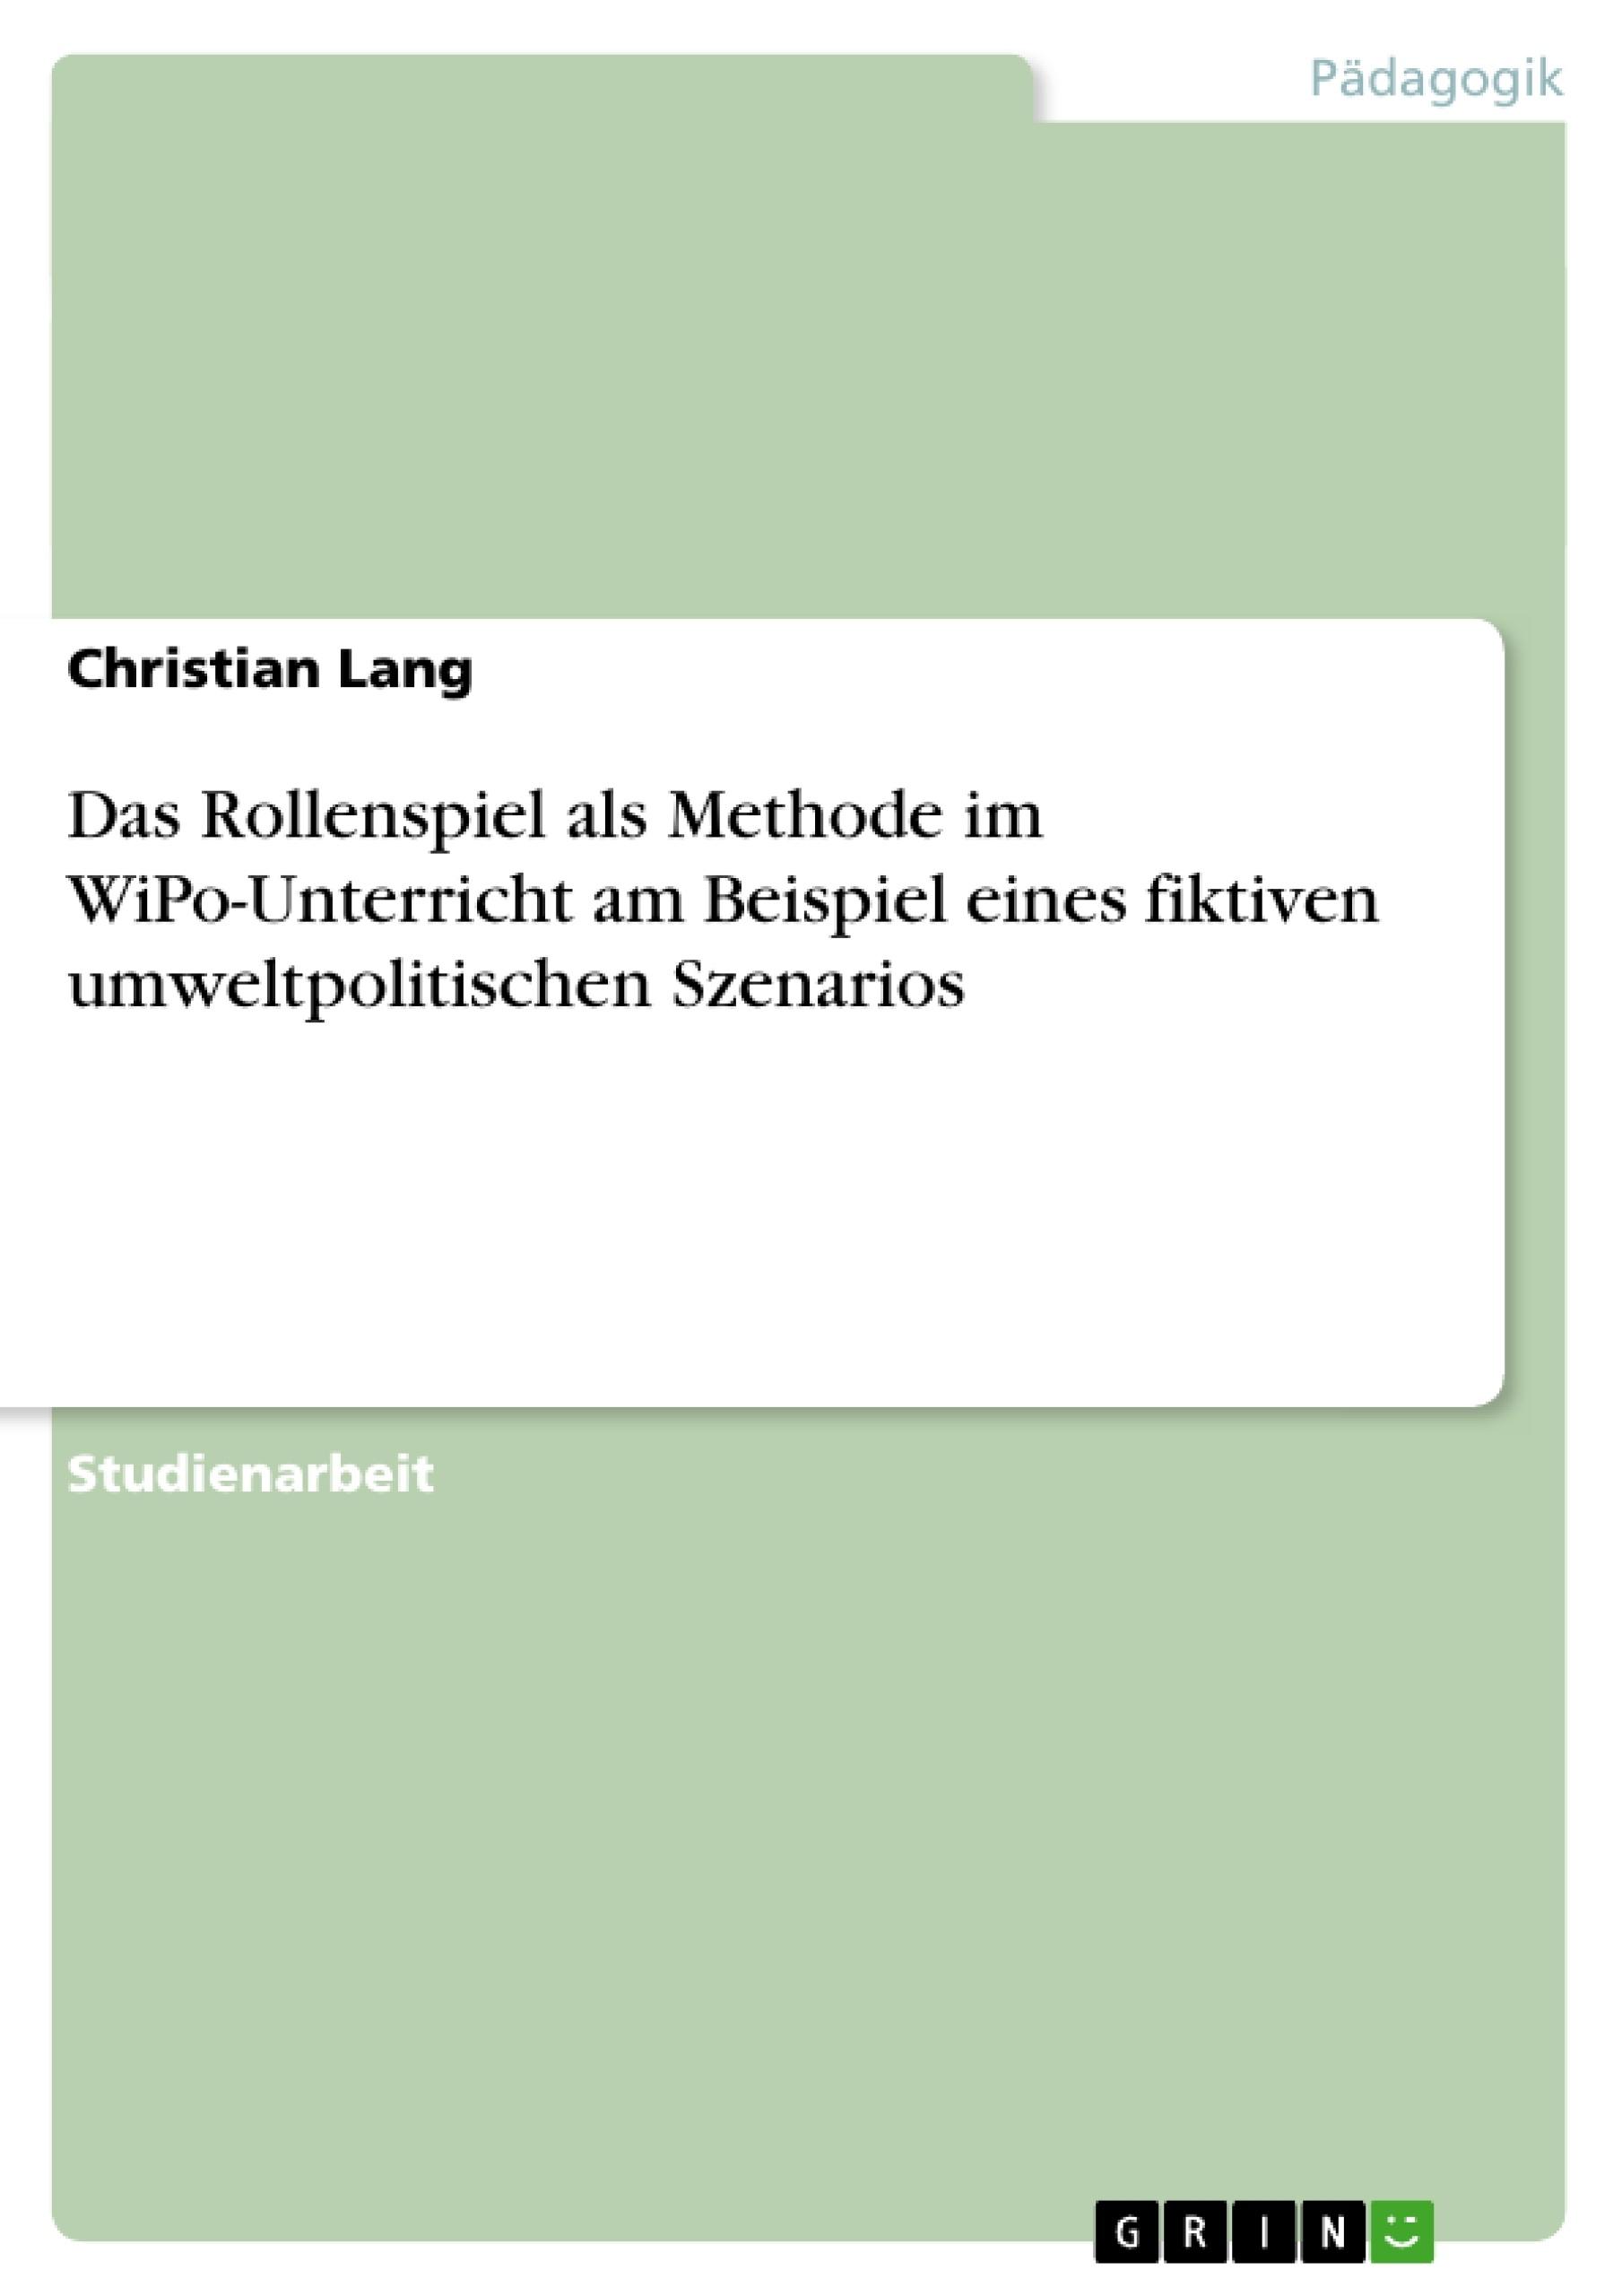 Titel: Das Rollenspiel als Methode im WiPo-Unterricht am Beispiel eines fiktiven umweltpolitischen Szenarios